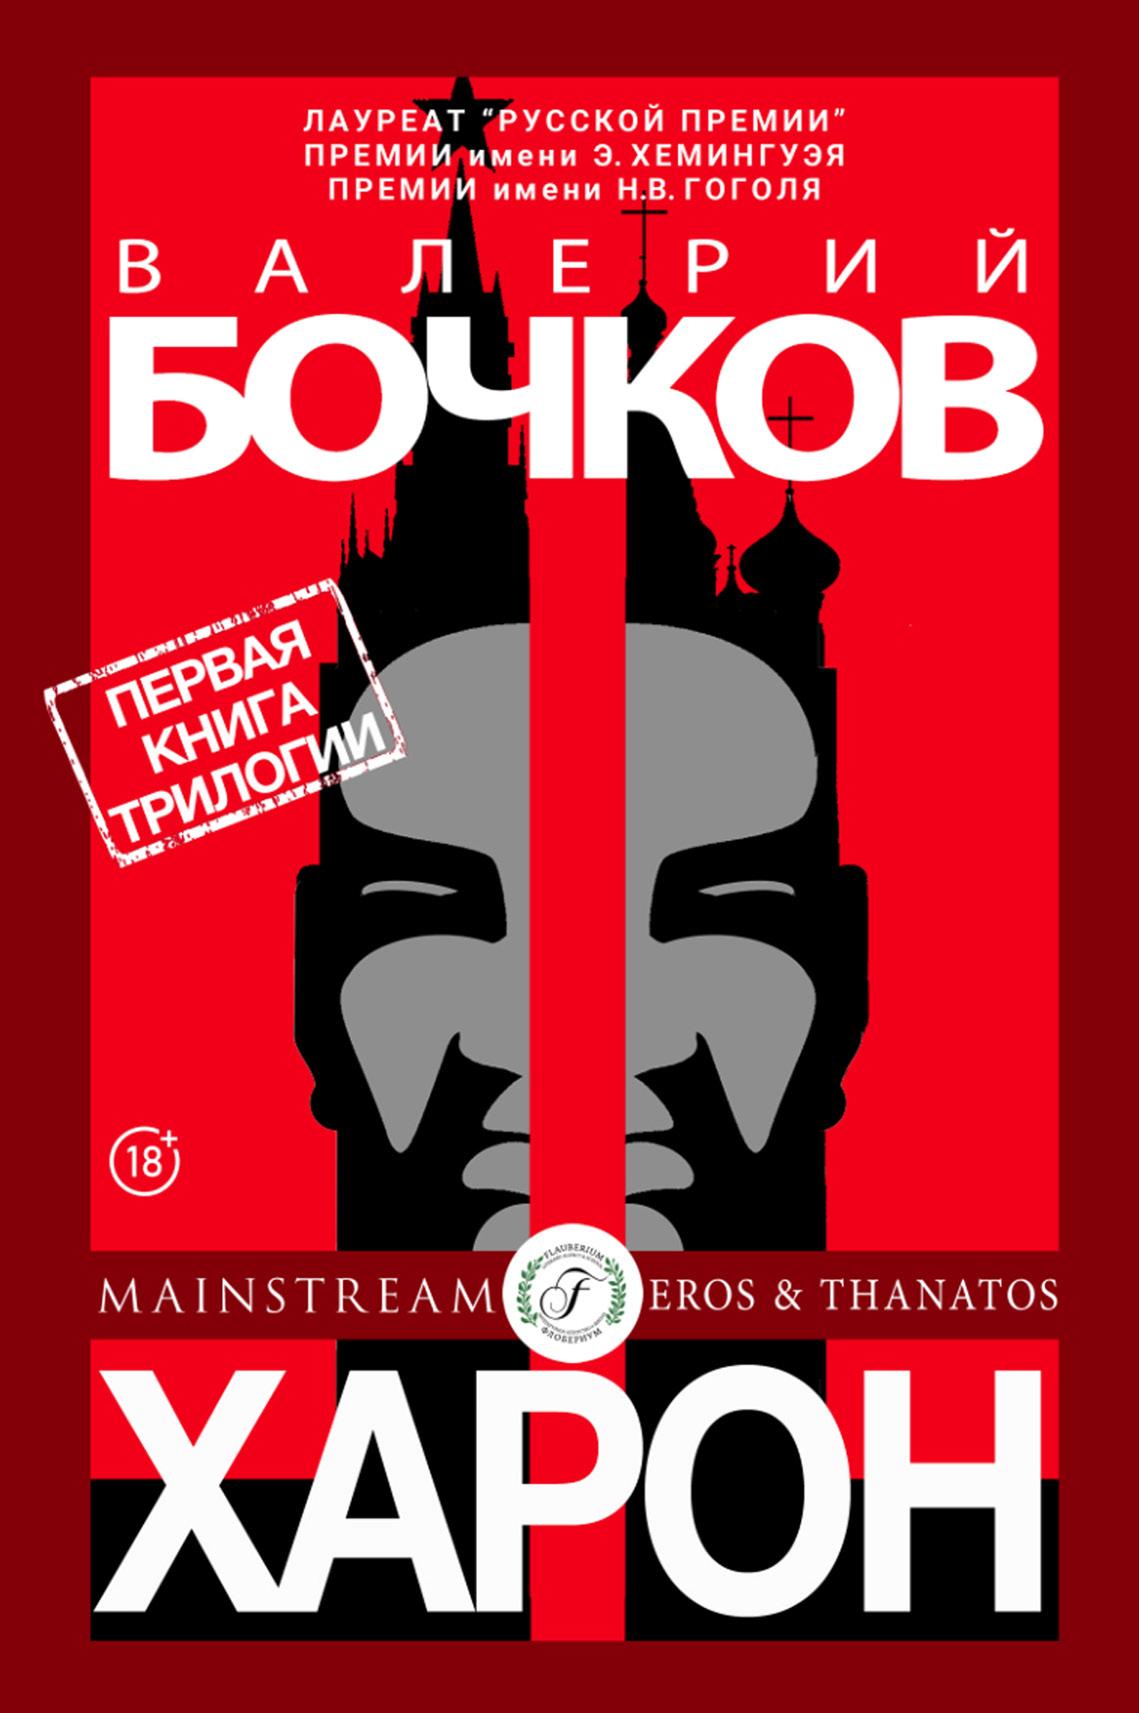 Валерий Бочков Харон erich krause угольник clear 60 градусов 225 мм